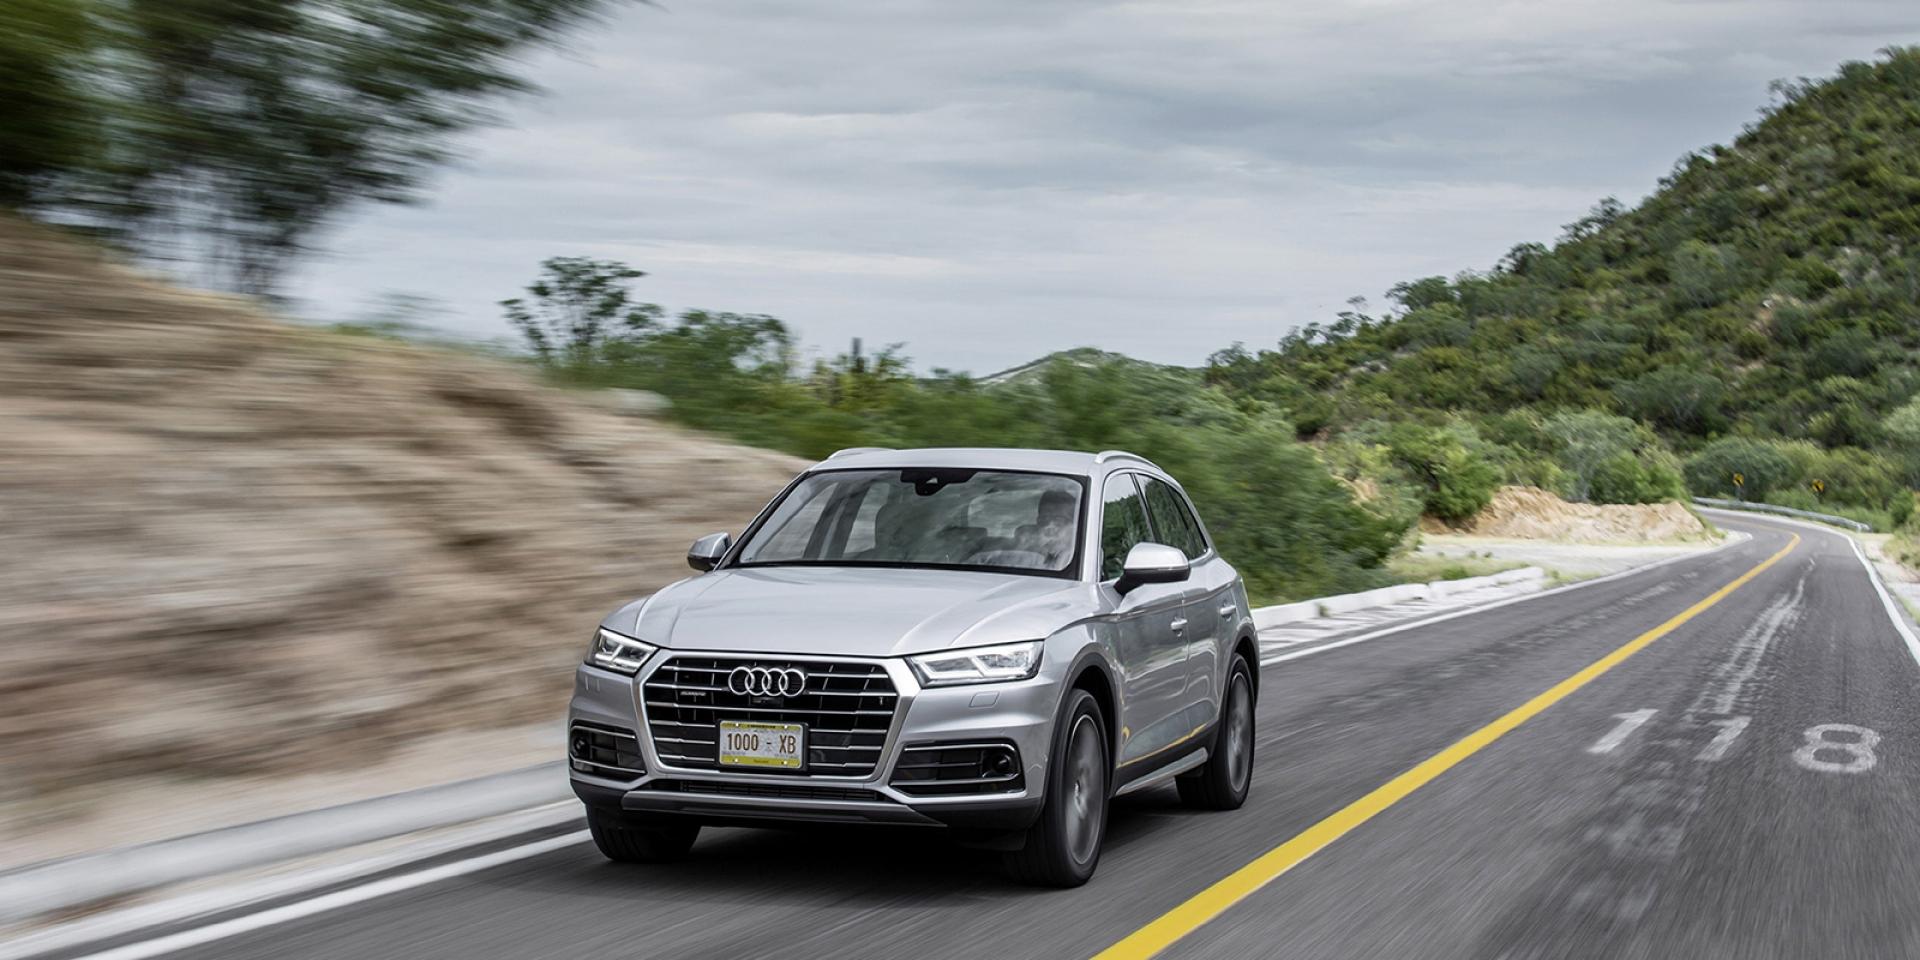 官方新聞稿。Audi Q5獲《Auto Bild Allrad》讀者評選 年度同級距最佳四輪驅動汽車 入主即享限定購車方案